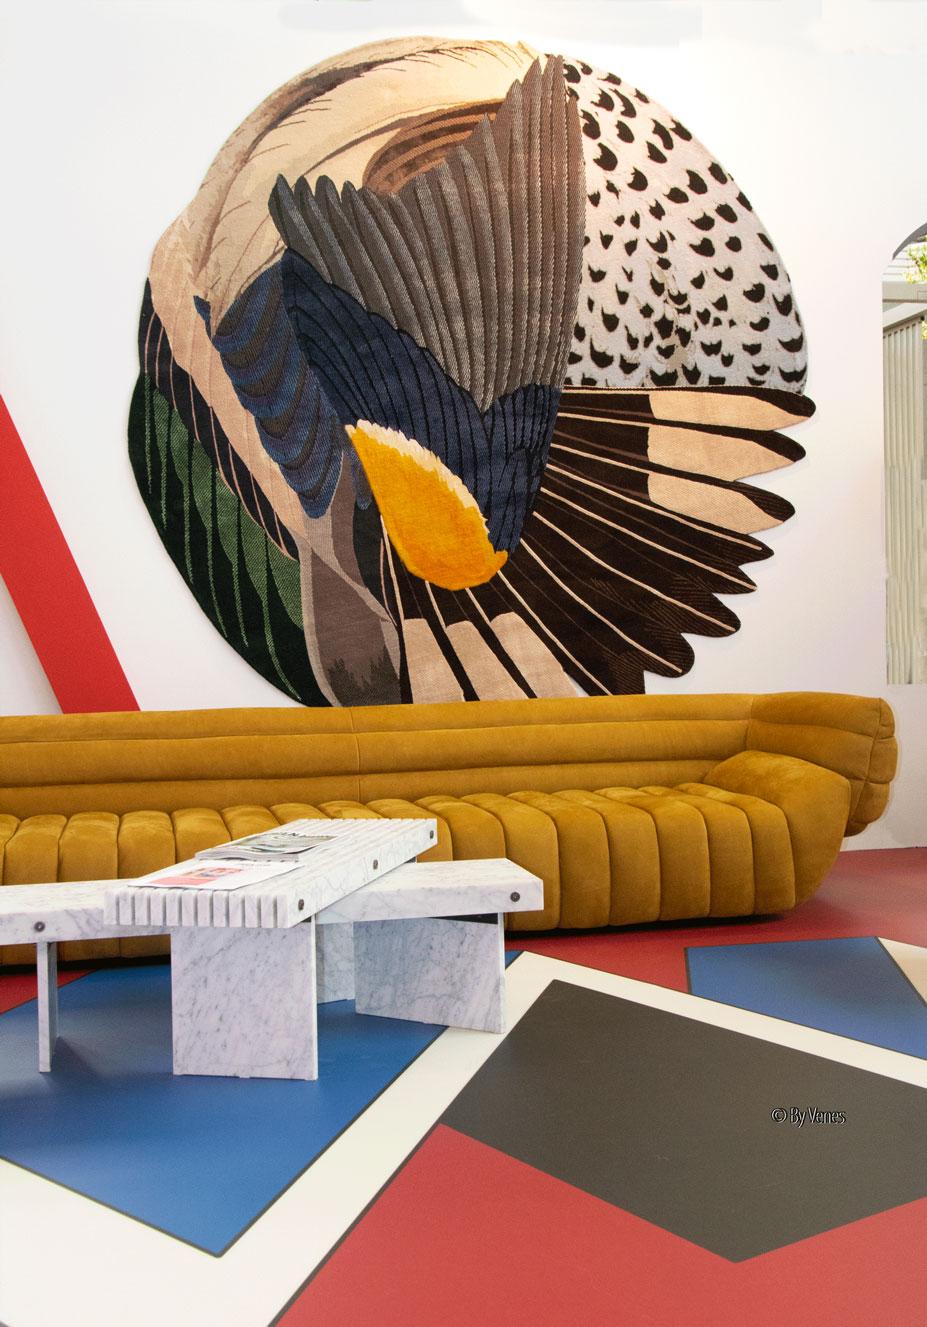 Muurdecoratie wandkleed Maarten de Ceulaer. Eigen huis & interieur